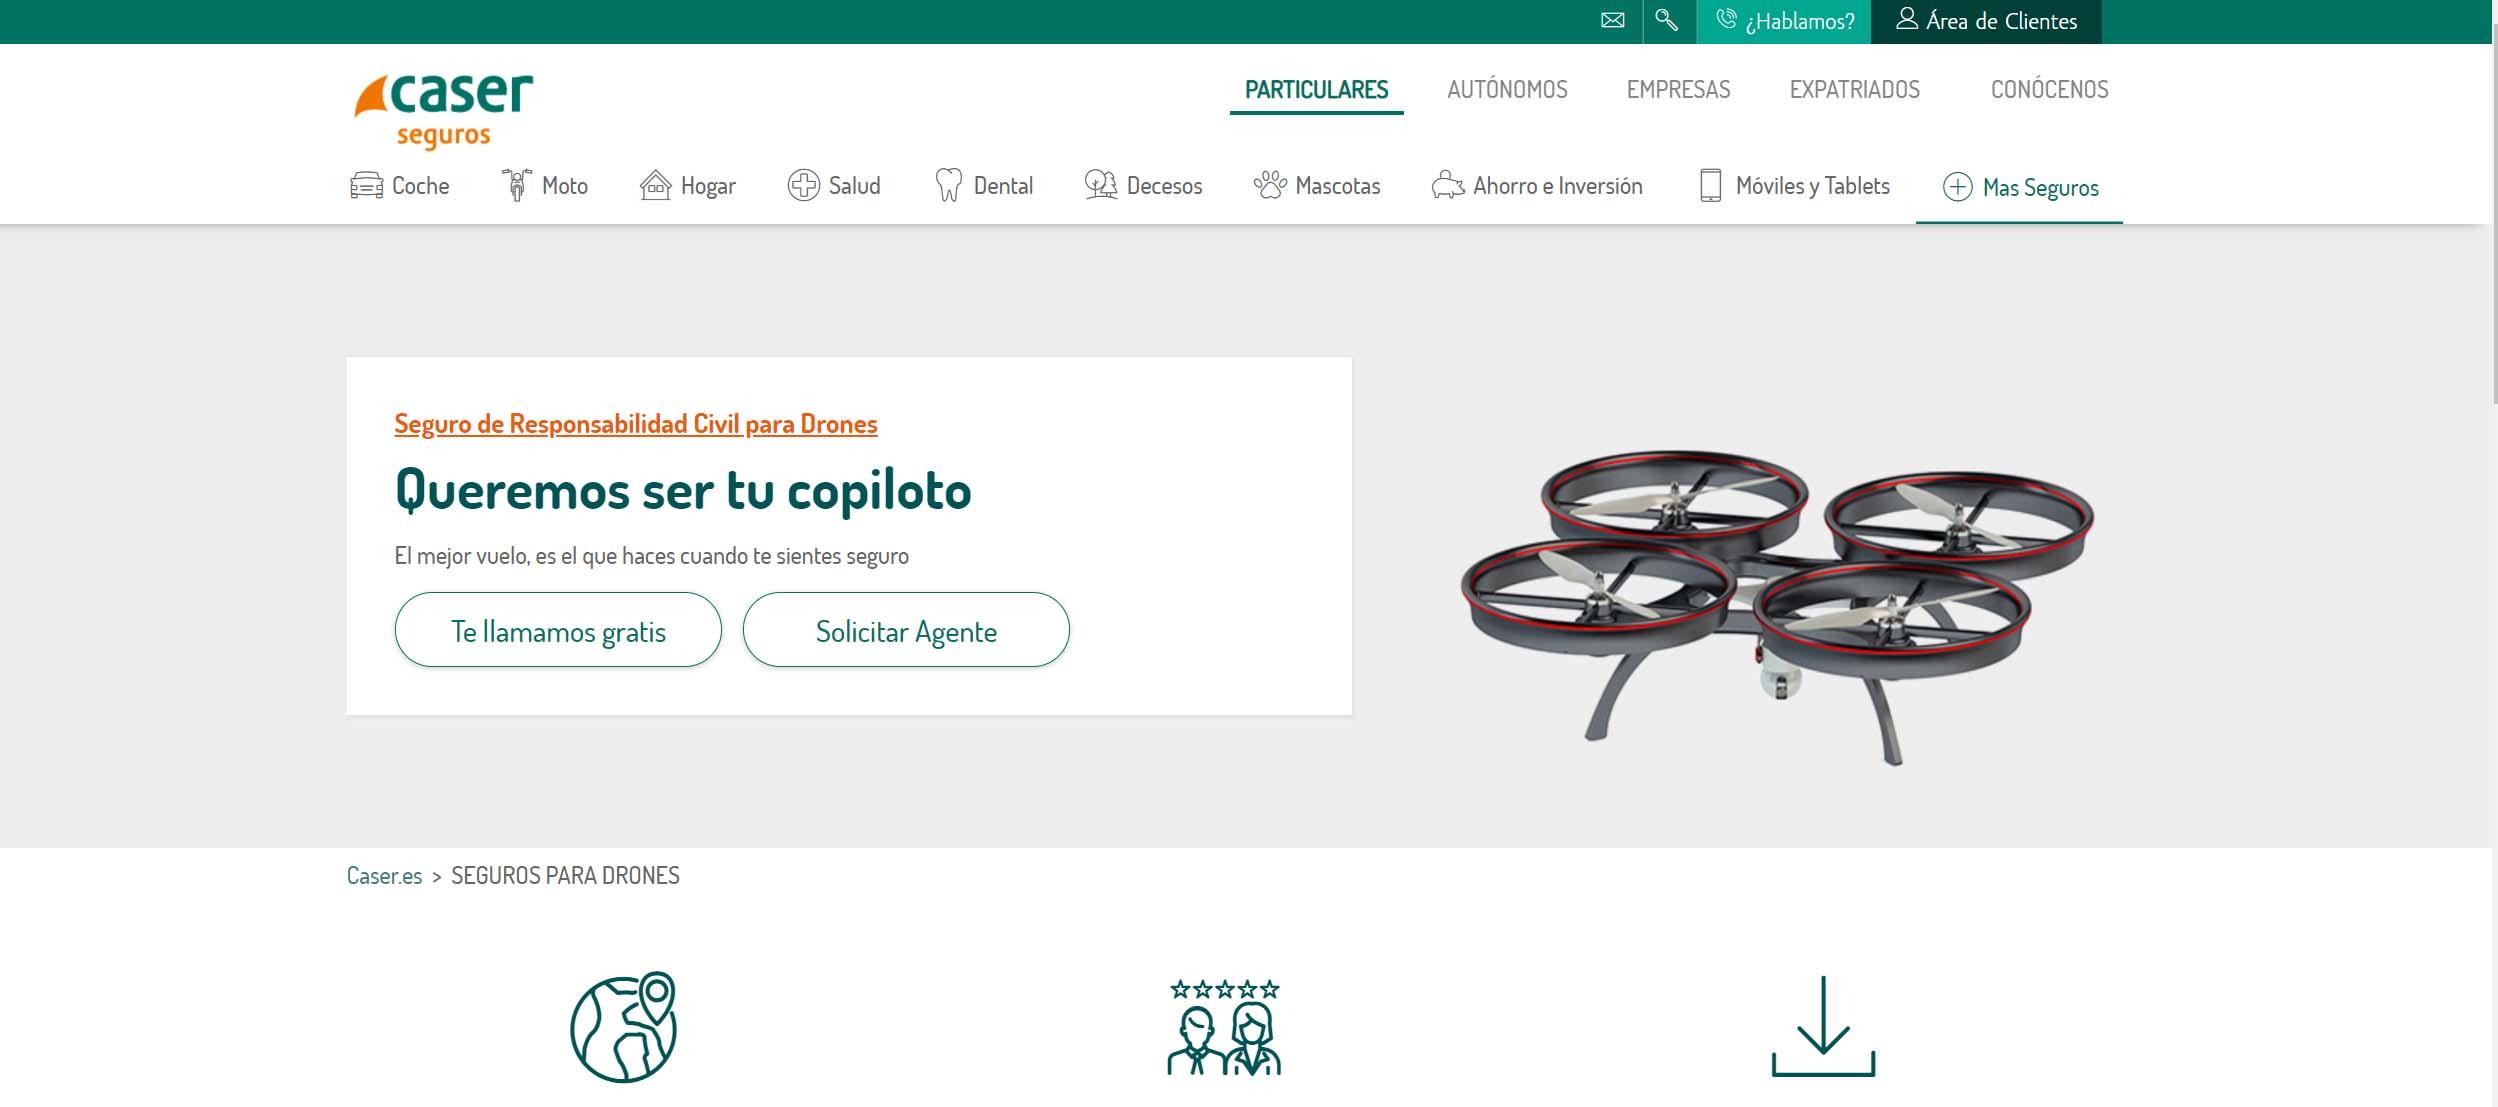 Seguro-para-drones-Caser